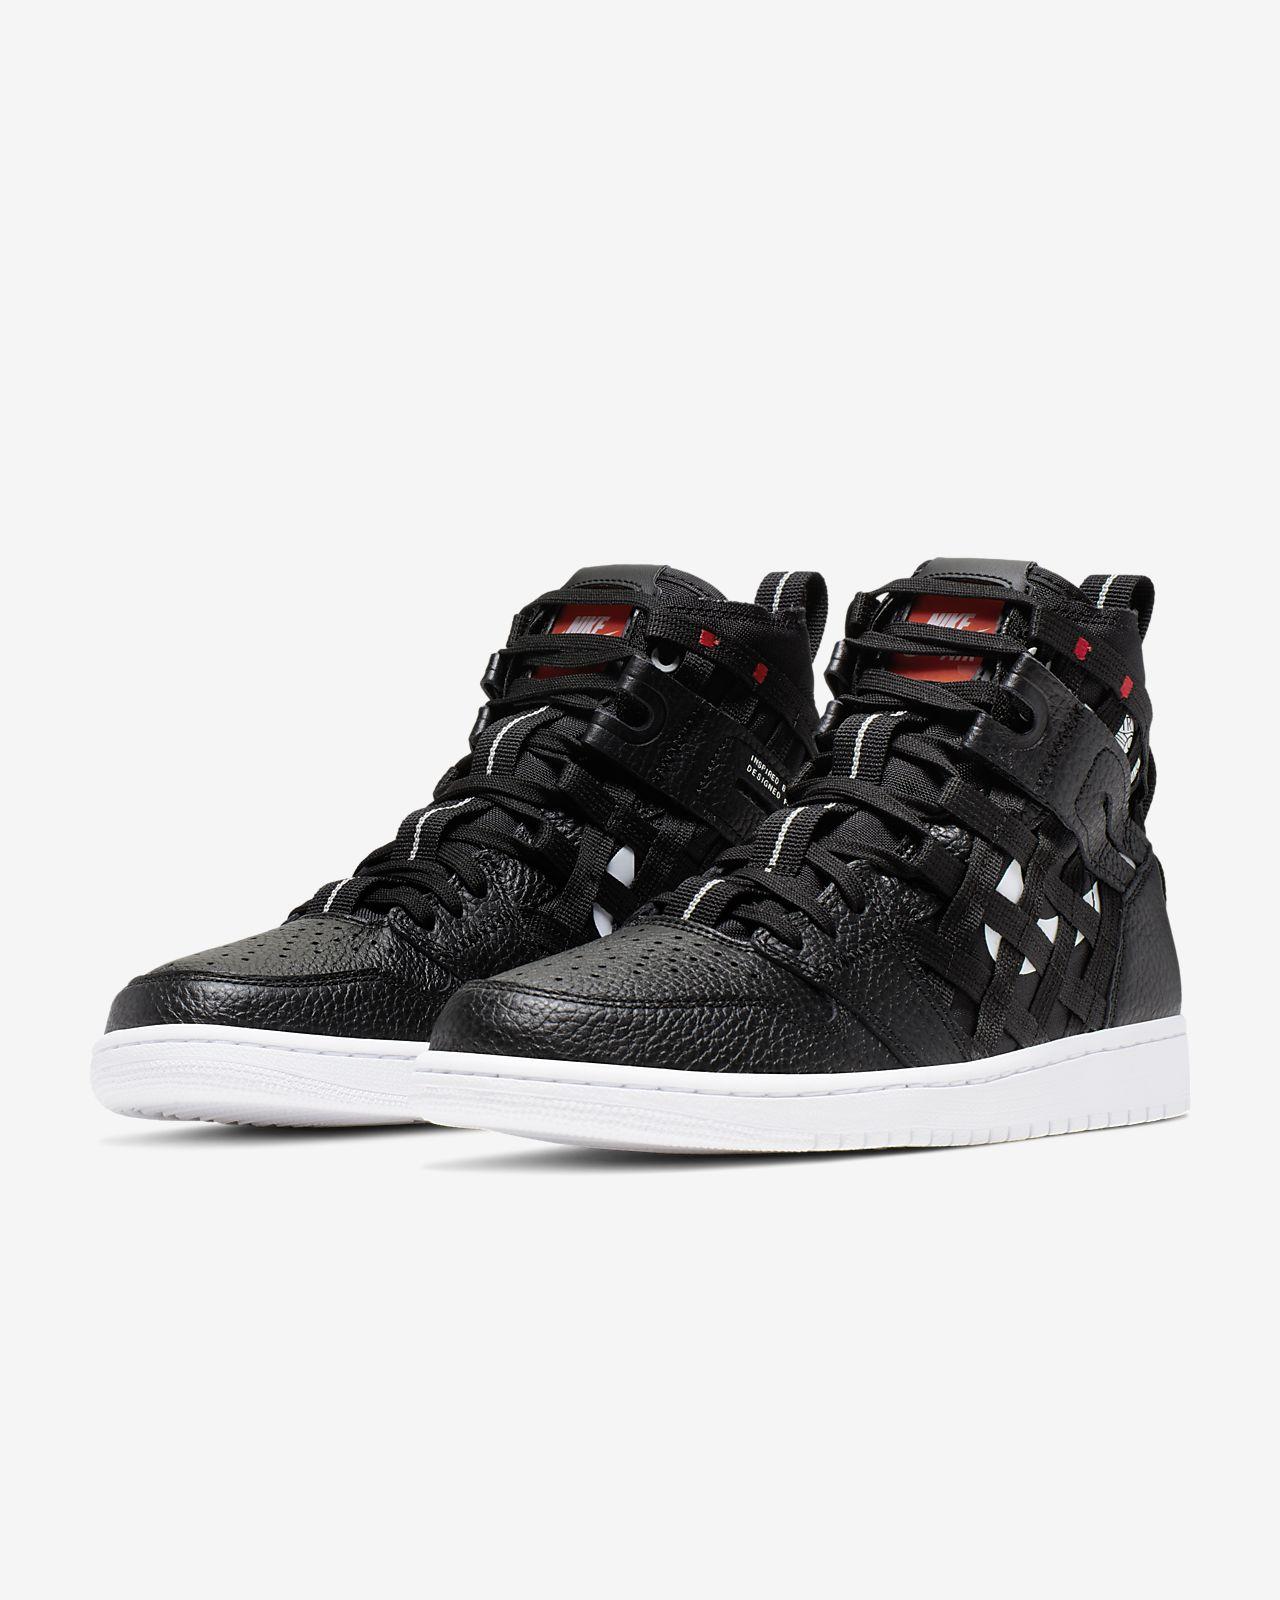 d3535bb0b92ac4 Air Jordan 1 Cargo Men s Shoe. Nike.com IN